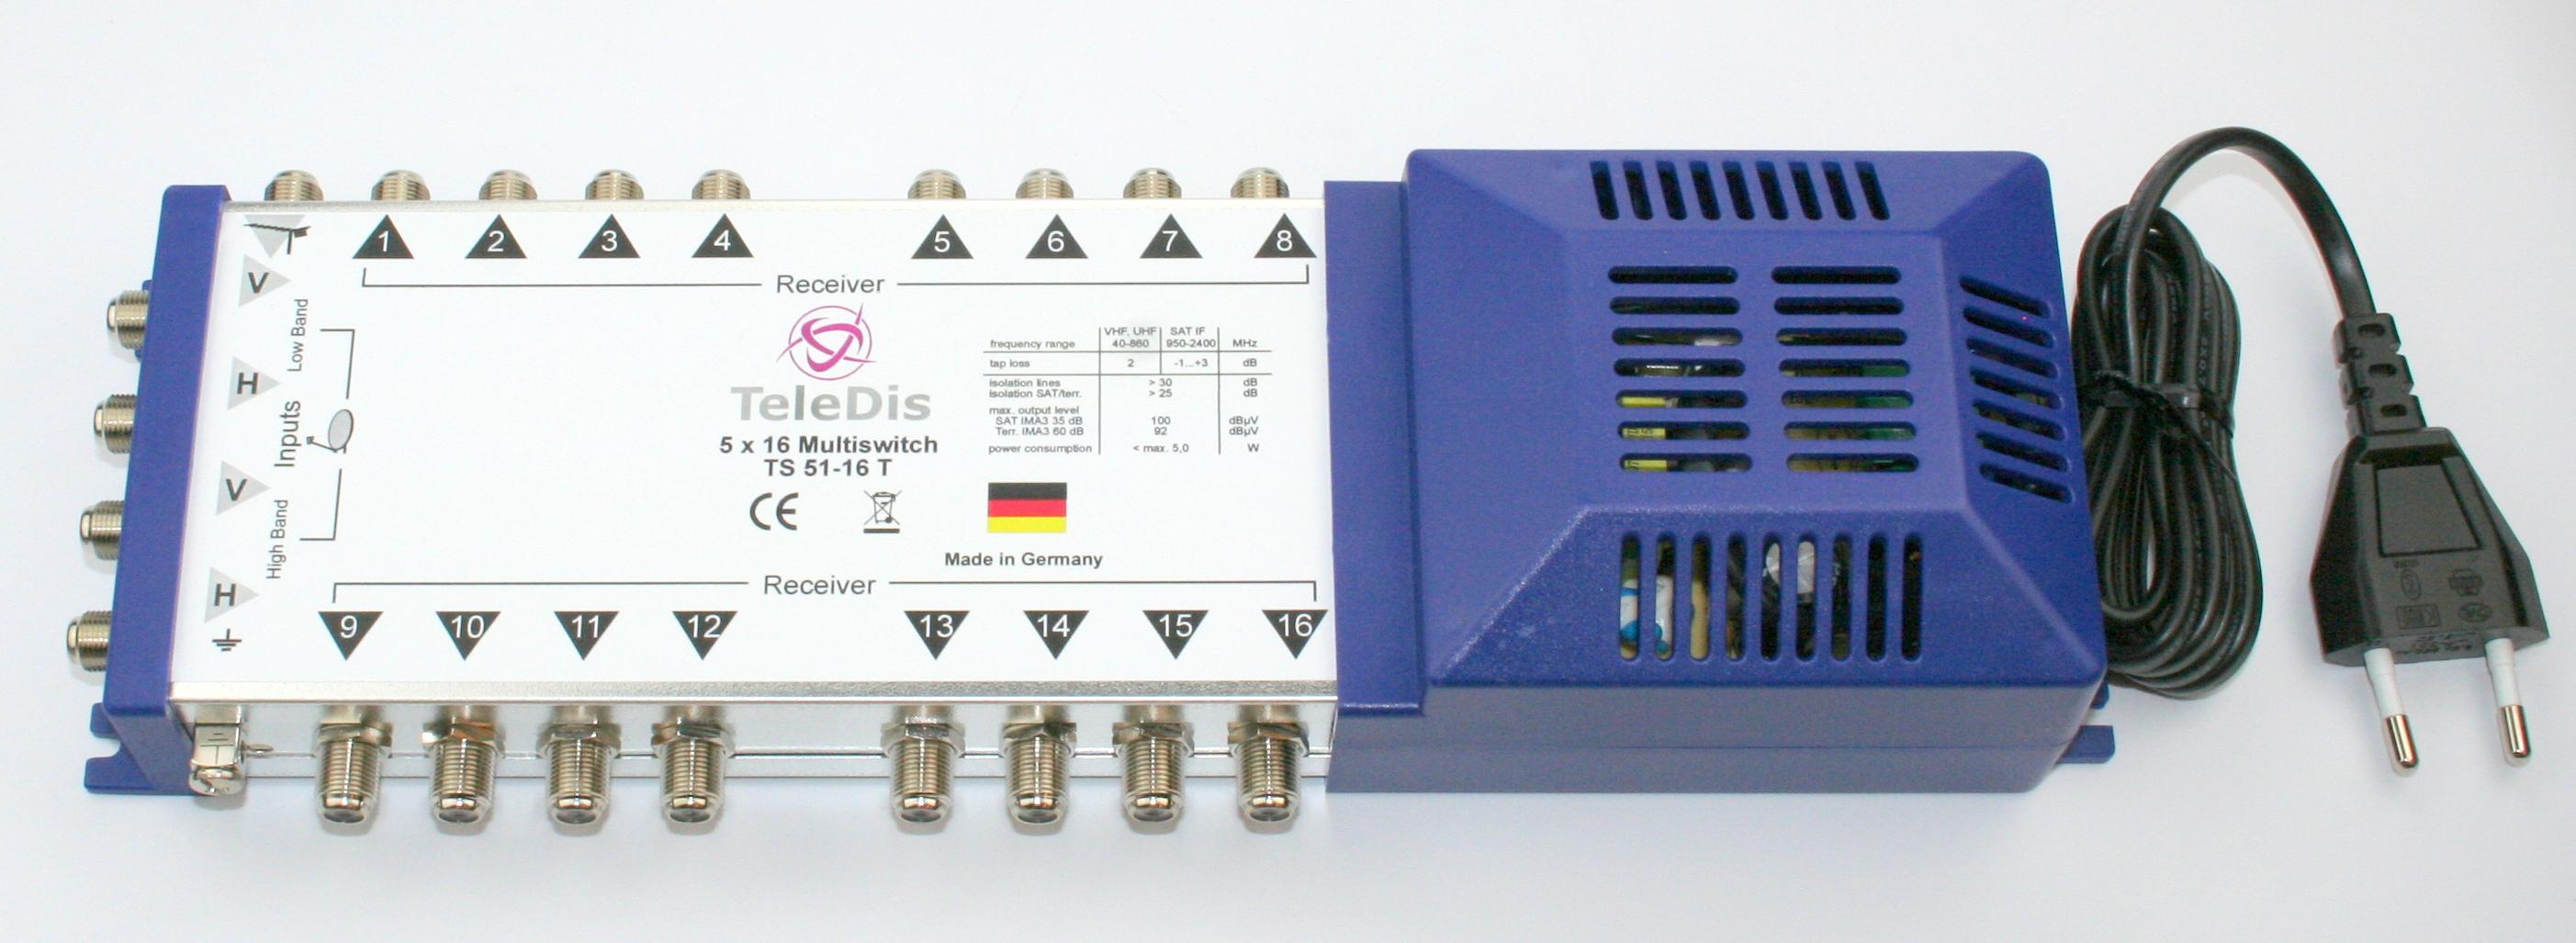 TS 51-16 T, Multischalter 5 in auf 16 out, Netzteil